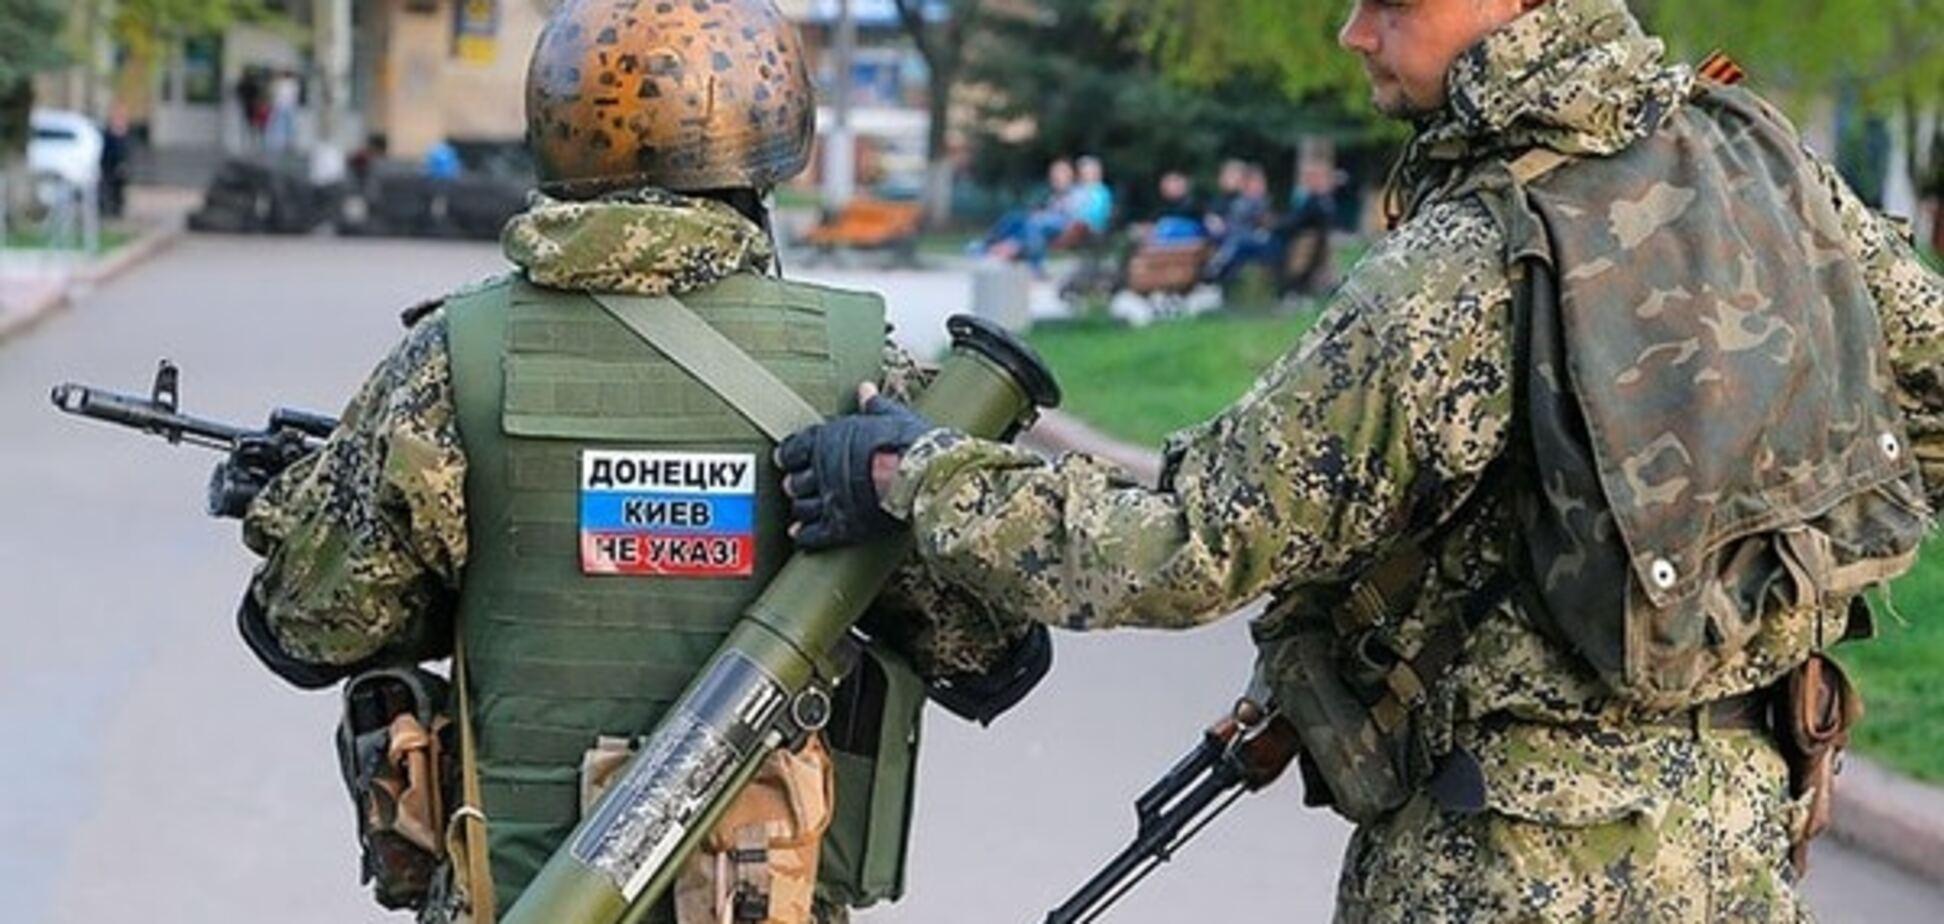 Пішли на штурм: українські військові повідомили про загострення ситуації на Донбасі